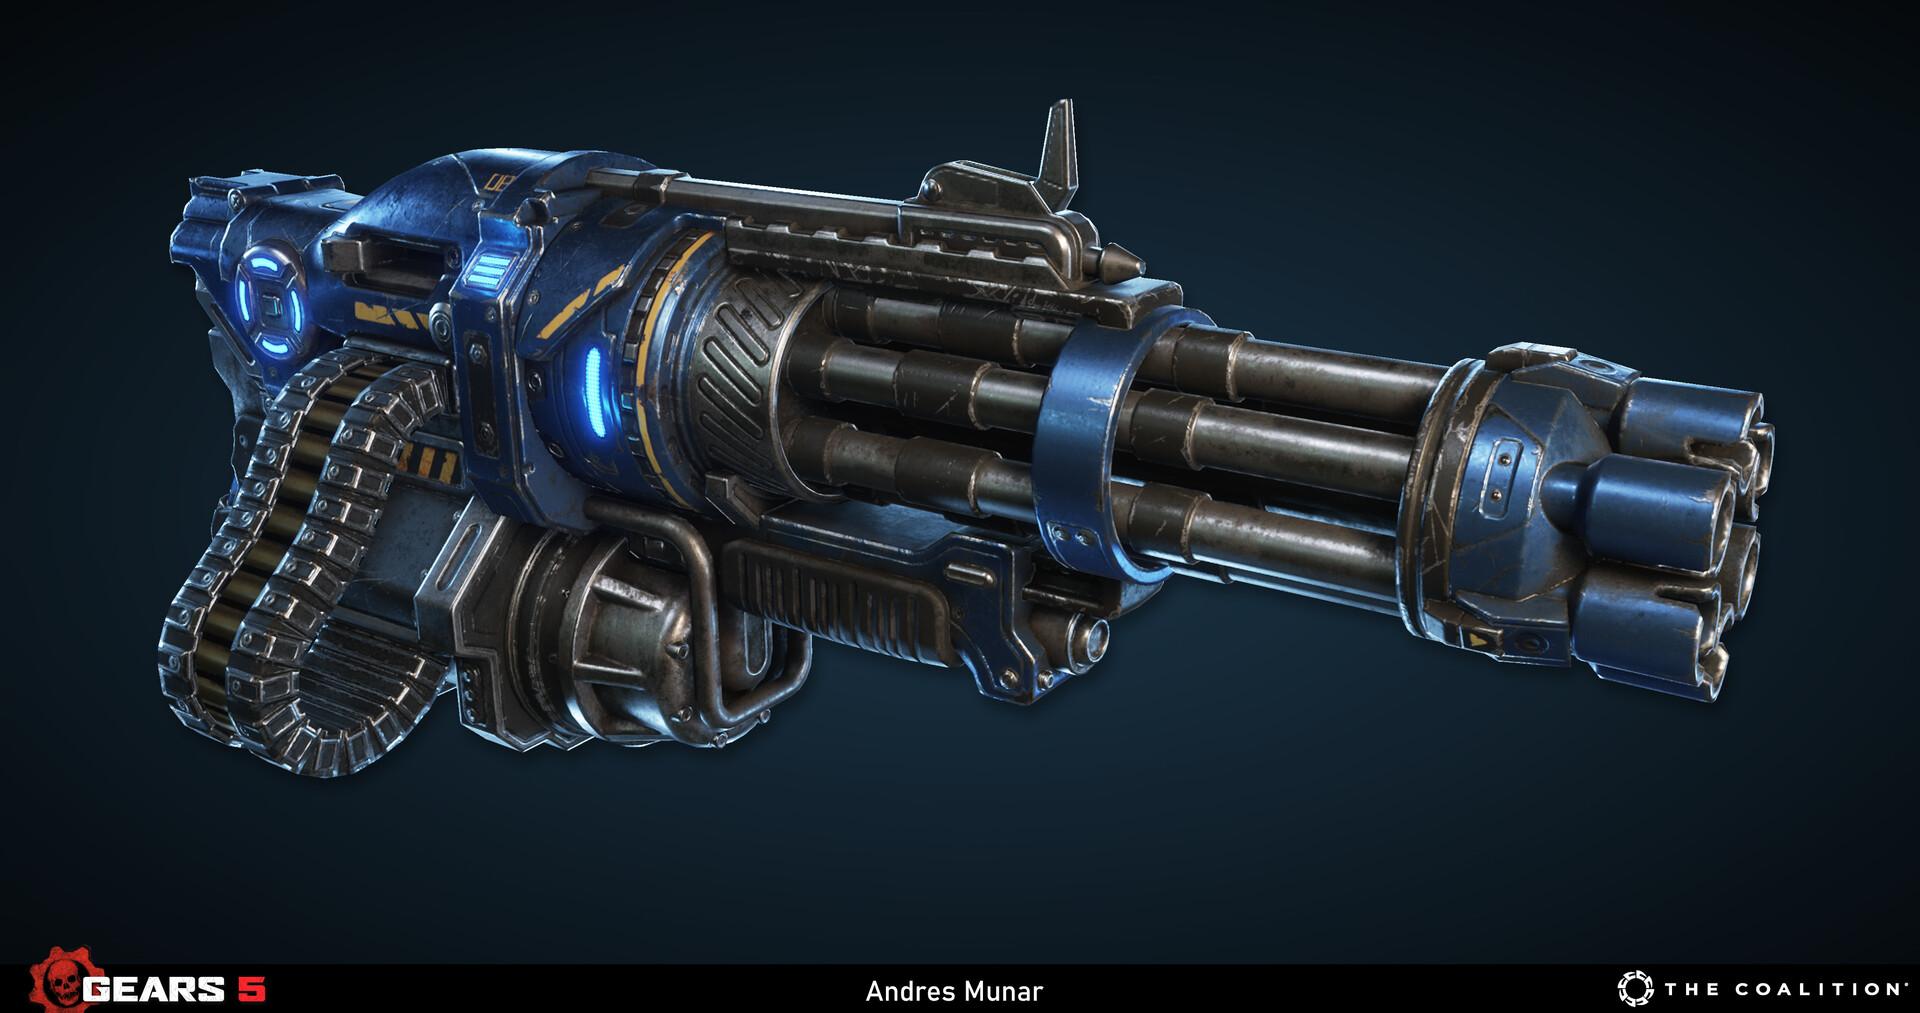 Andres munar gears5 001